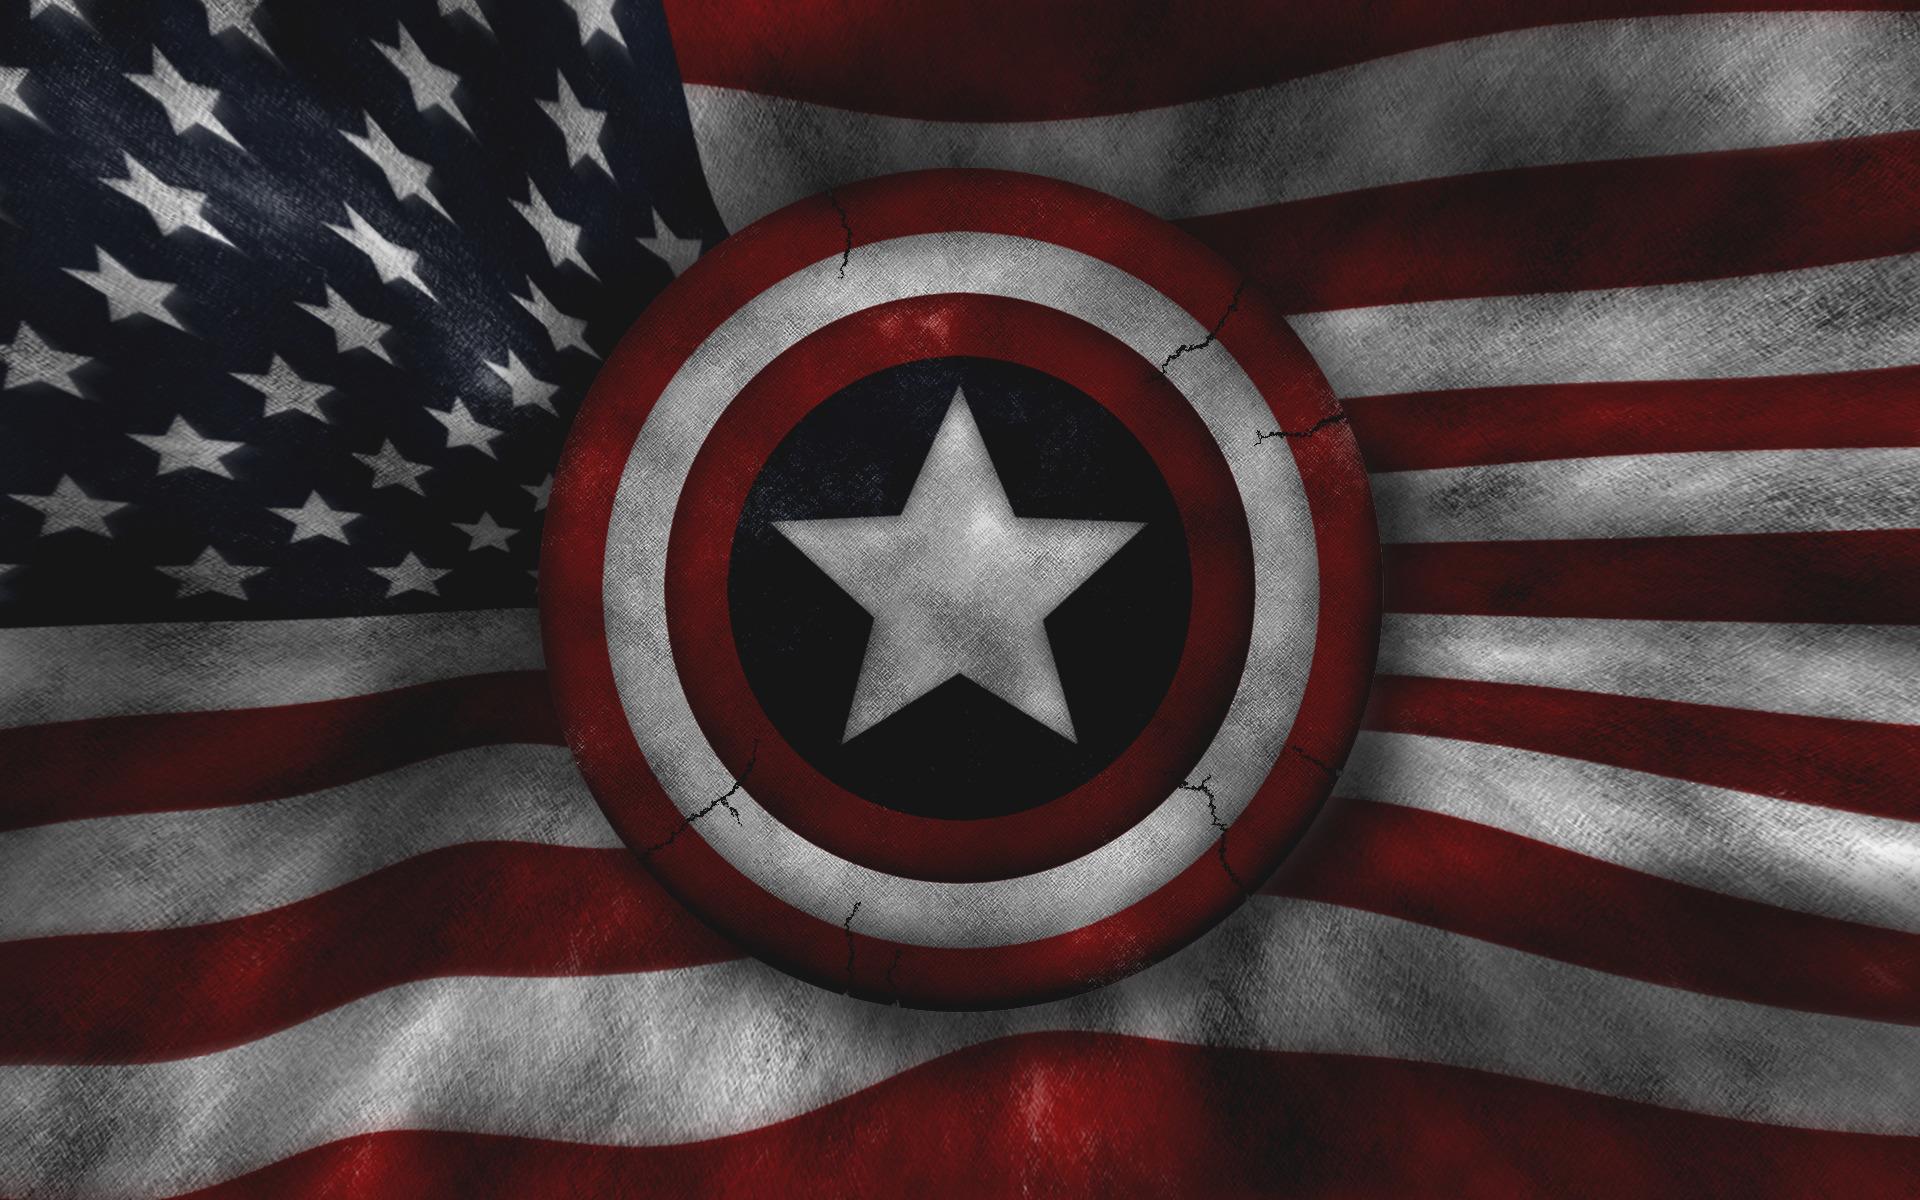 Captain America shield Wallpaper 6638 1920x1200